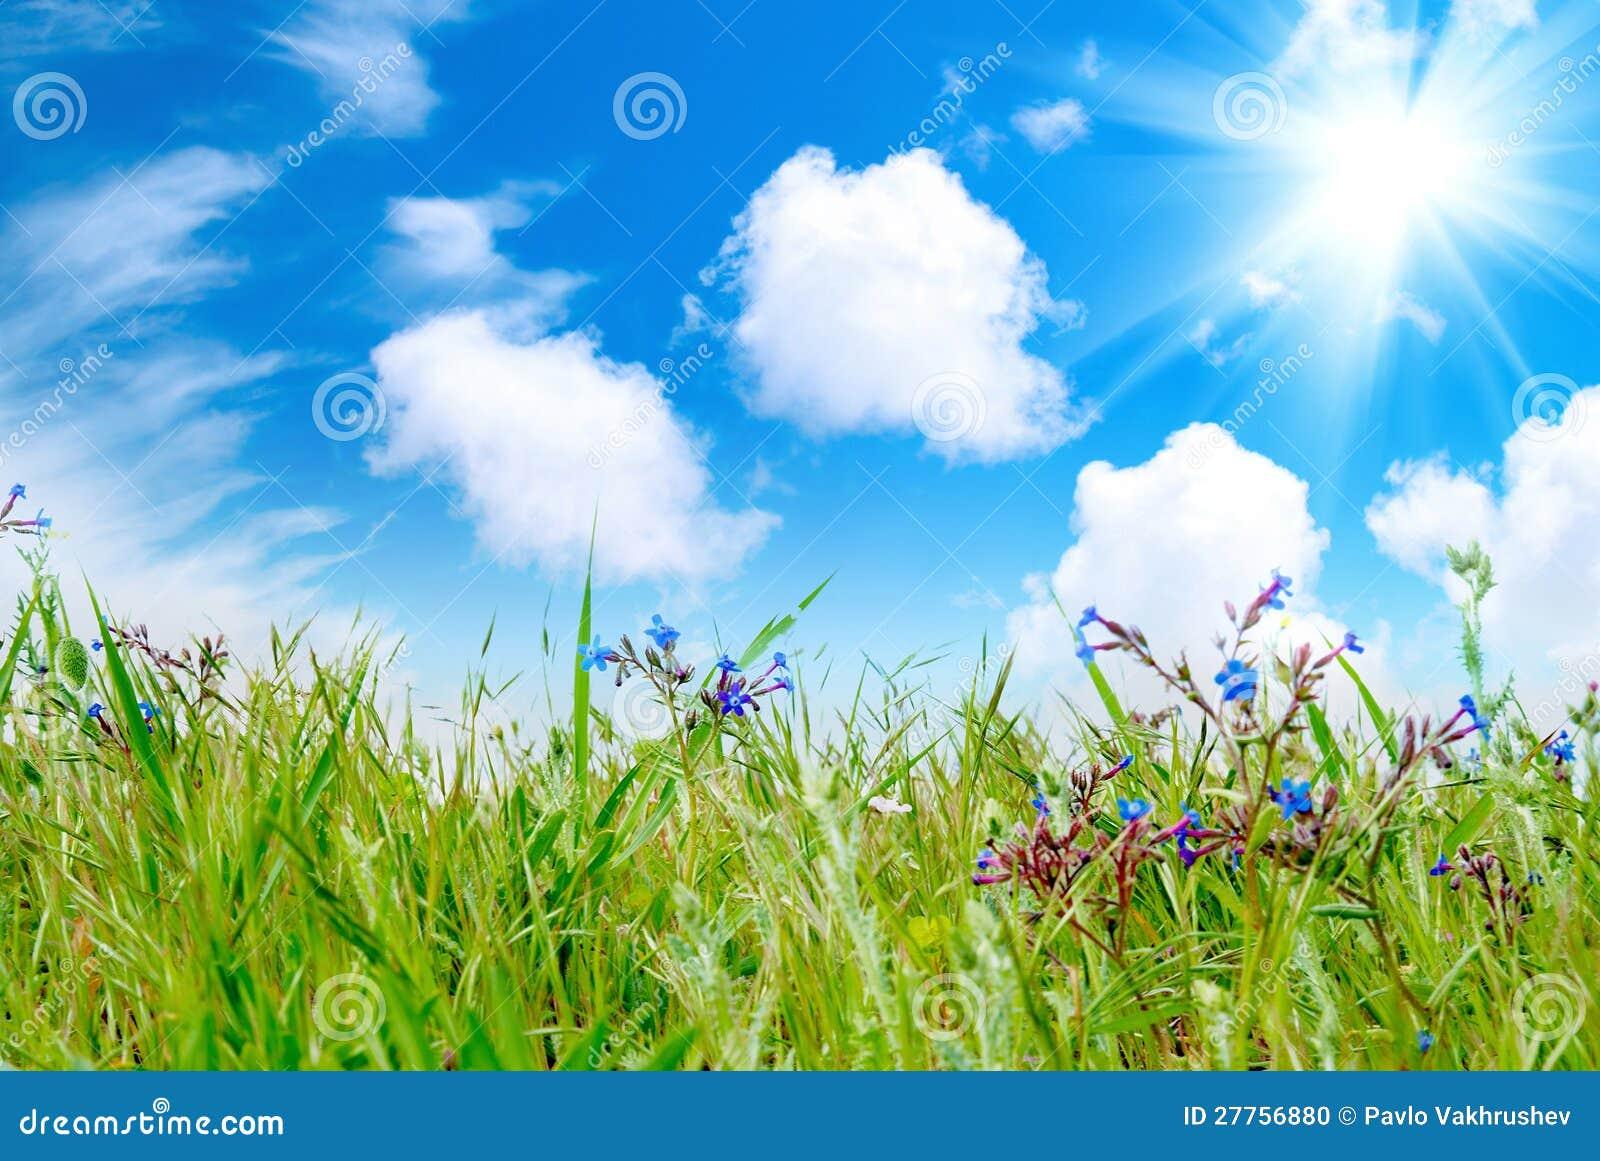 Herbe verte avec le ciel nuageux